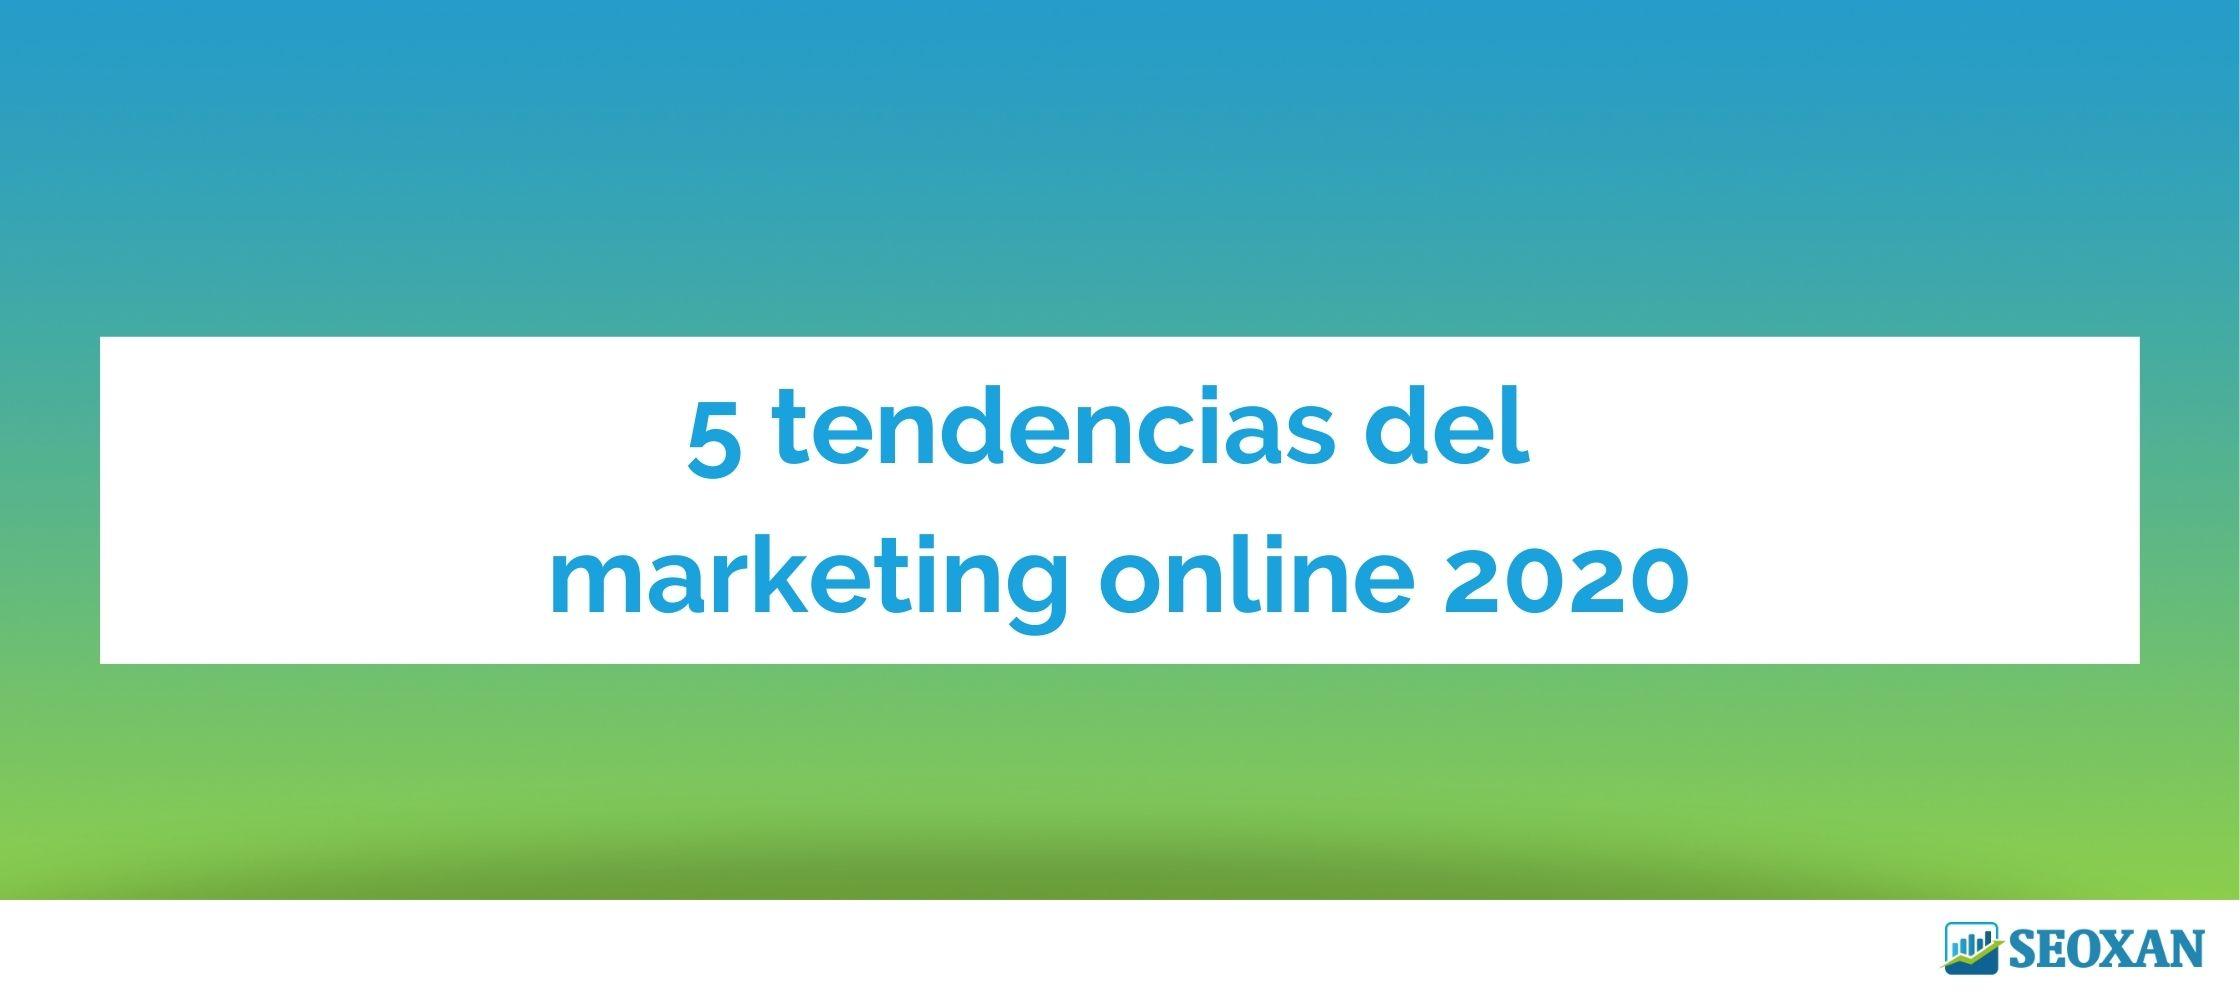 5 tendencias del marketing online 2020